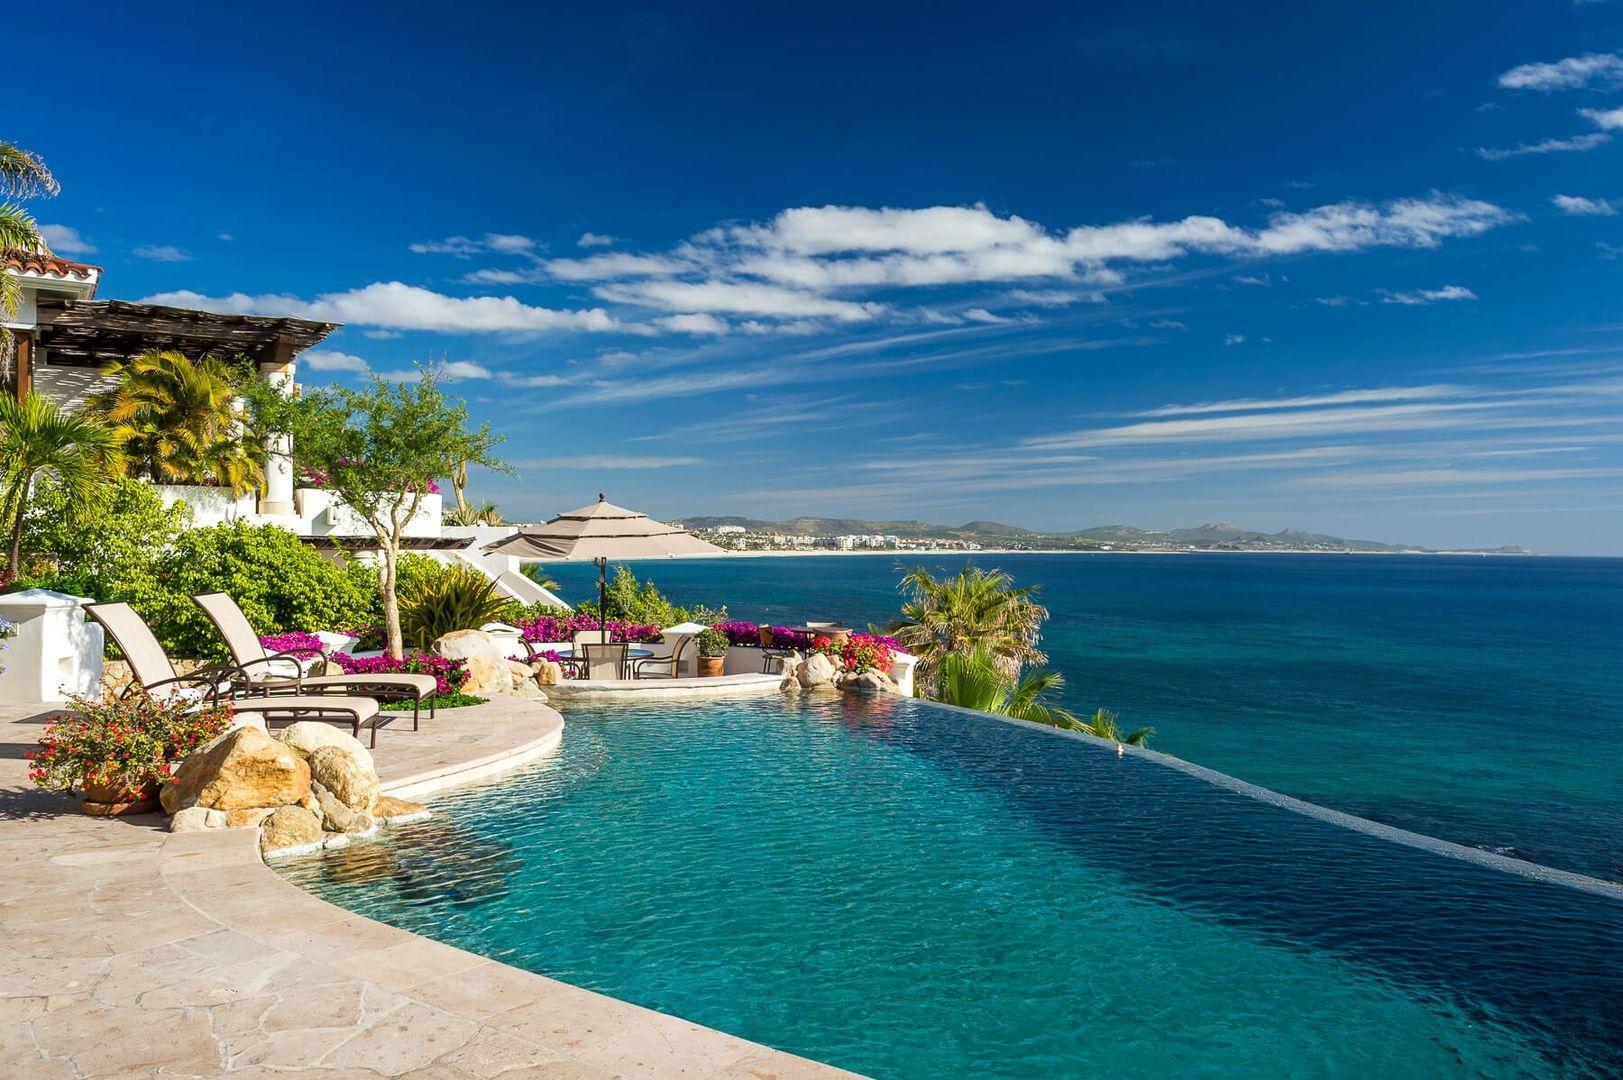 Luxury vacation rentals mexico - Los cabos - Los cabos corridor - Palmilla - Villa Gloriosa - Image 1/28